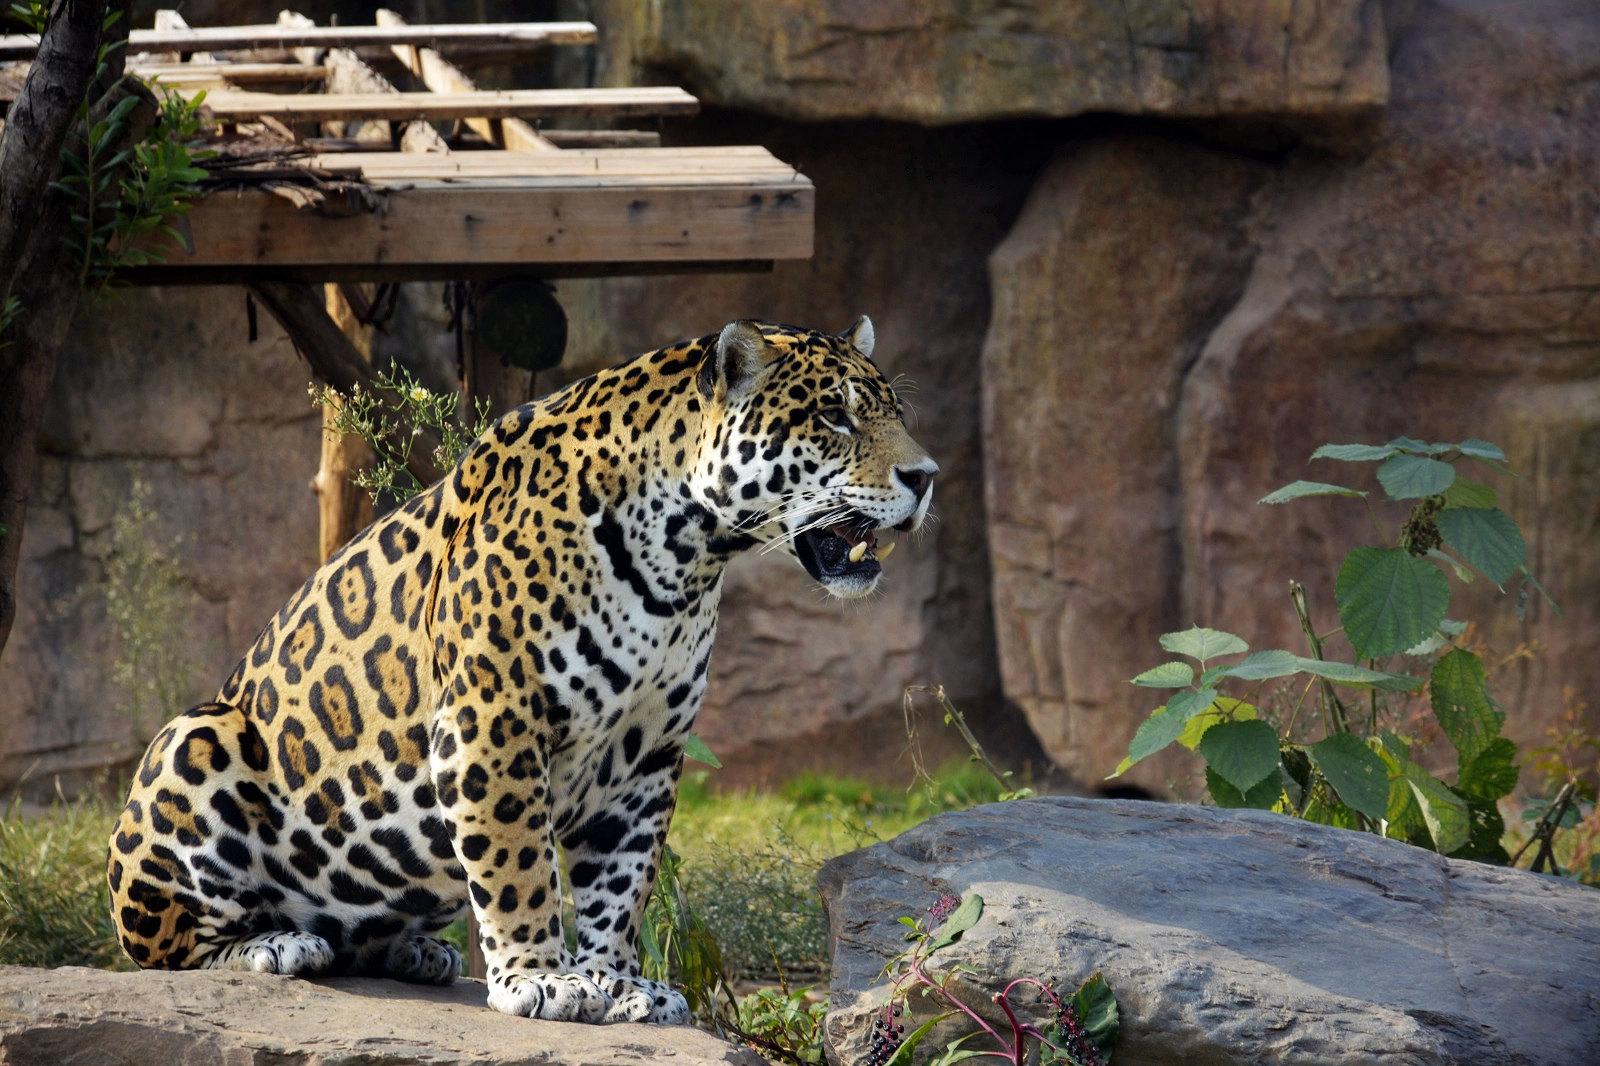 长沙生态动物园,长沙长沙生态动物园攻略/地址/图片